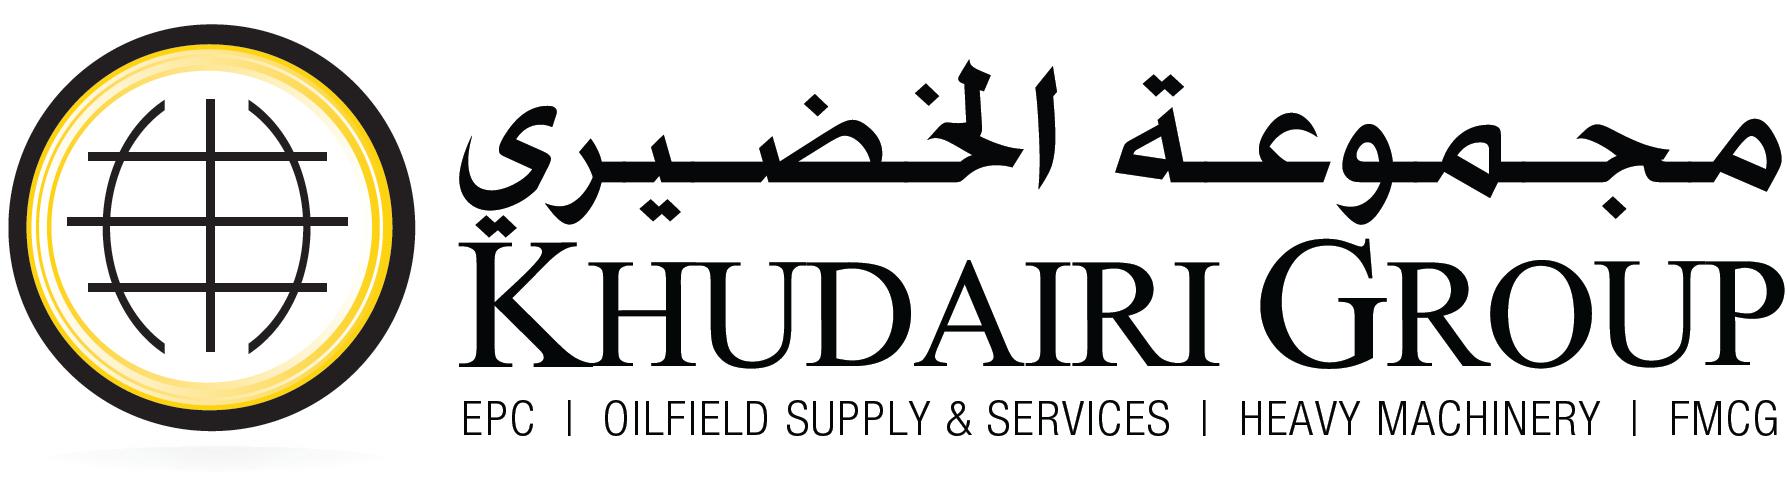 Khudairi Group 1787x477 (1)